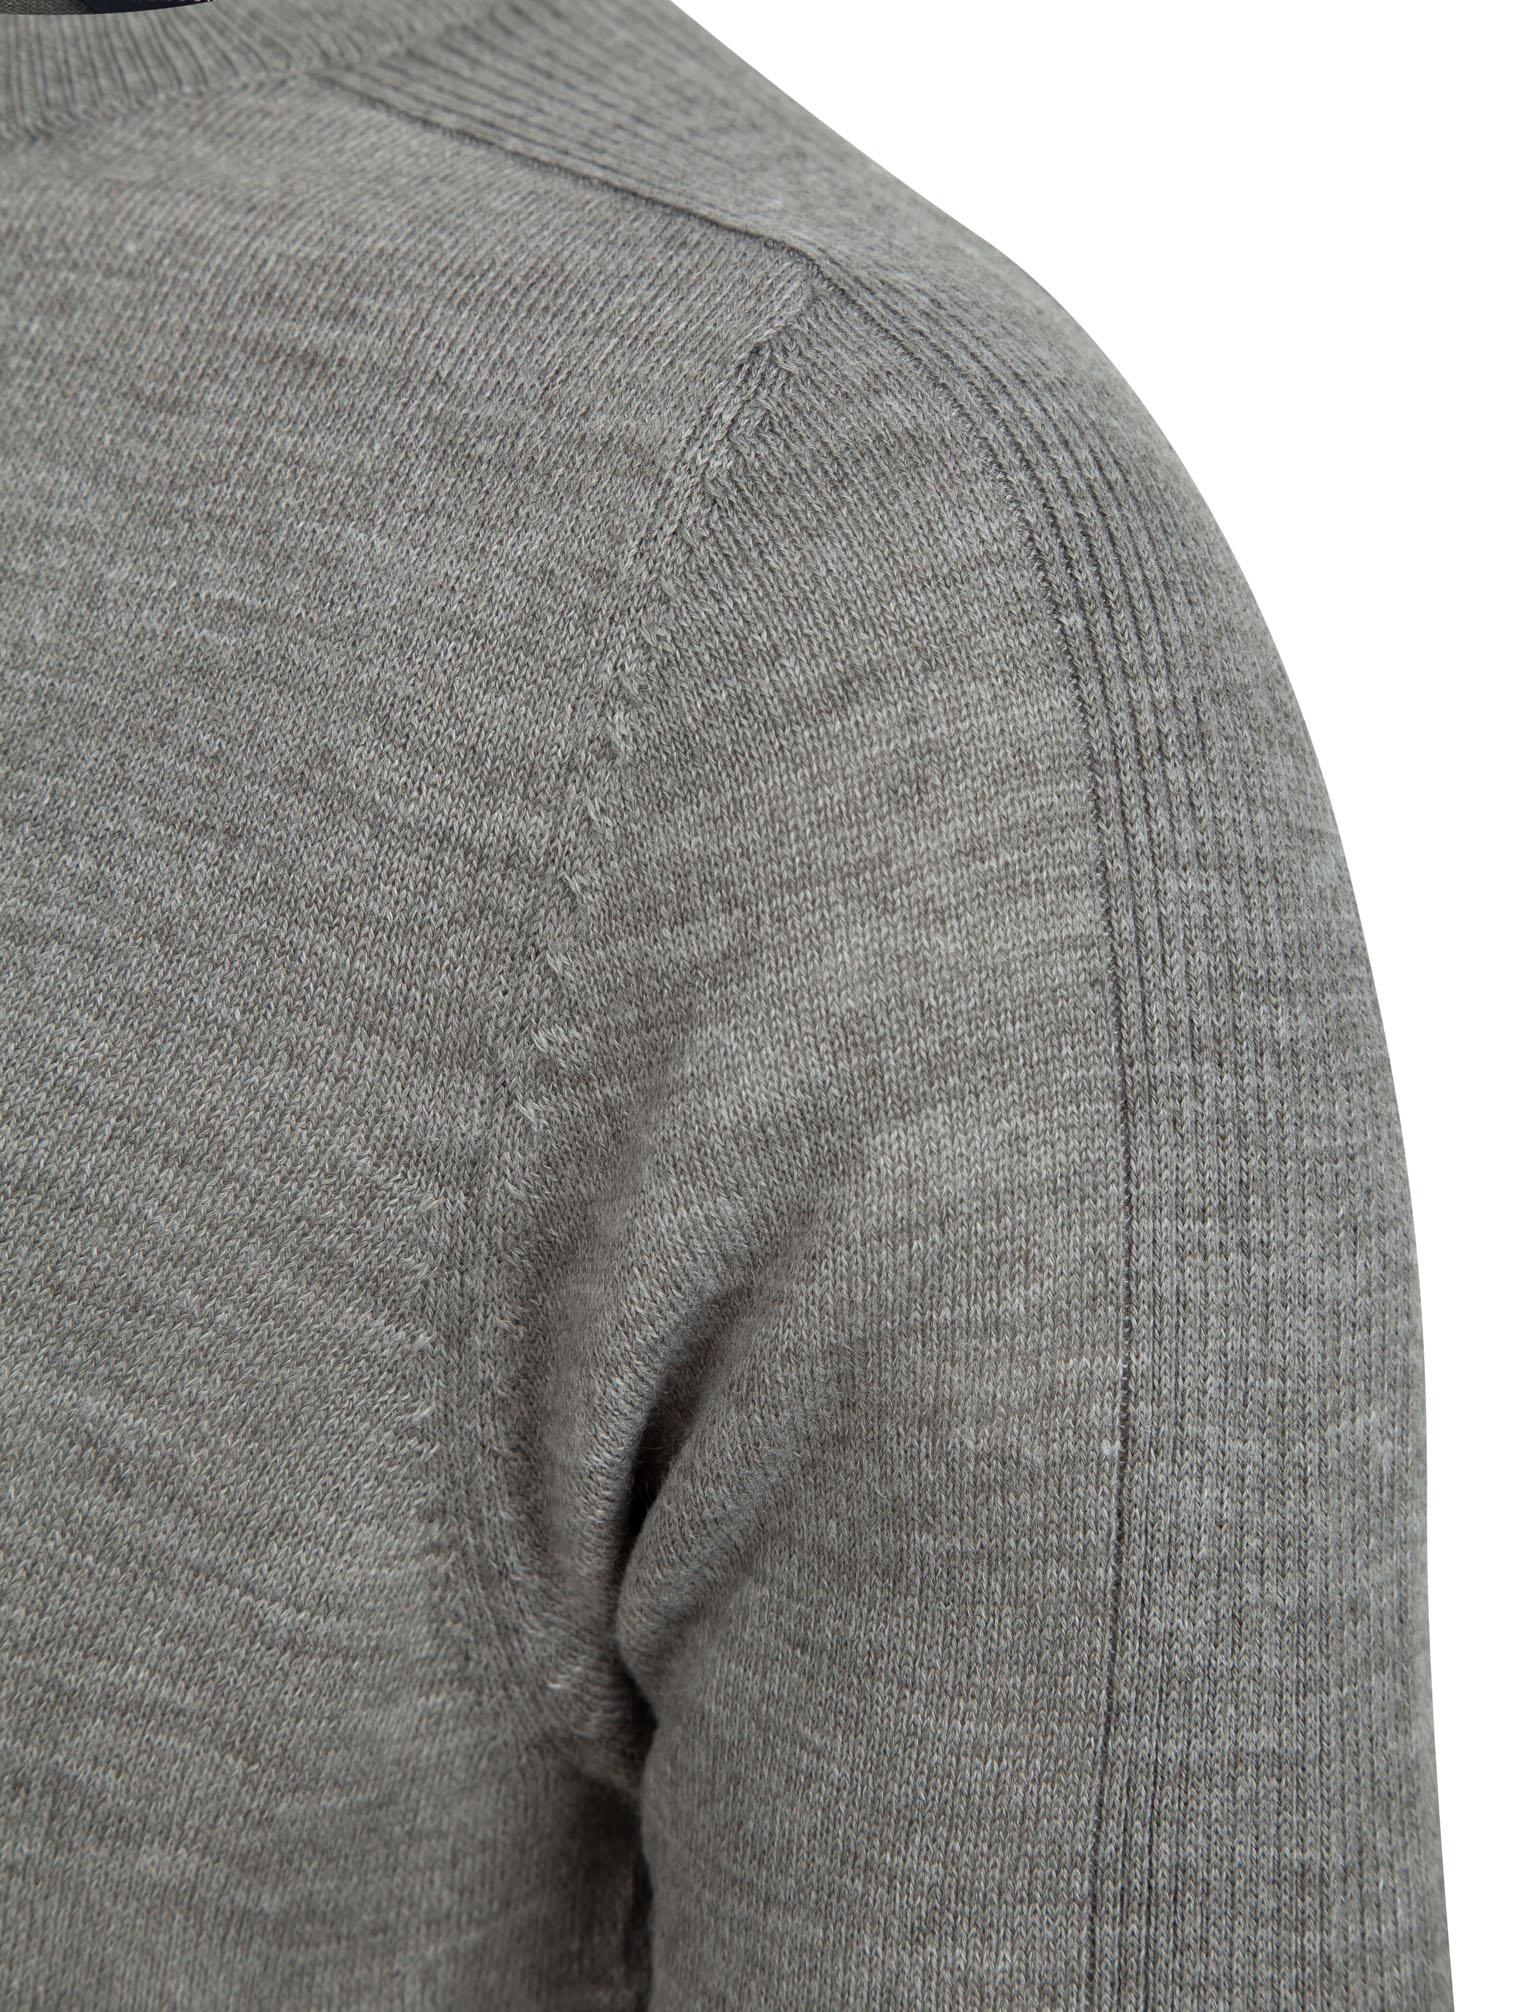 Kensington-Eastside-Men-039-s-Knitted-Crew-or-V-Neck-Jumper-Sweater-Top-Pullover thumbnail 69